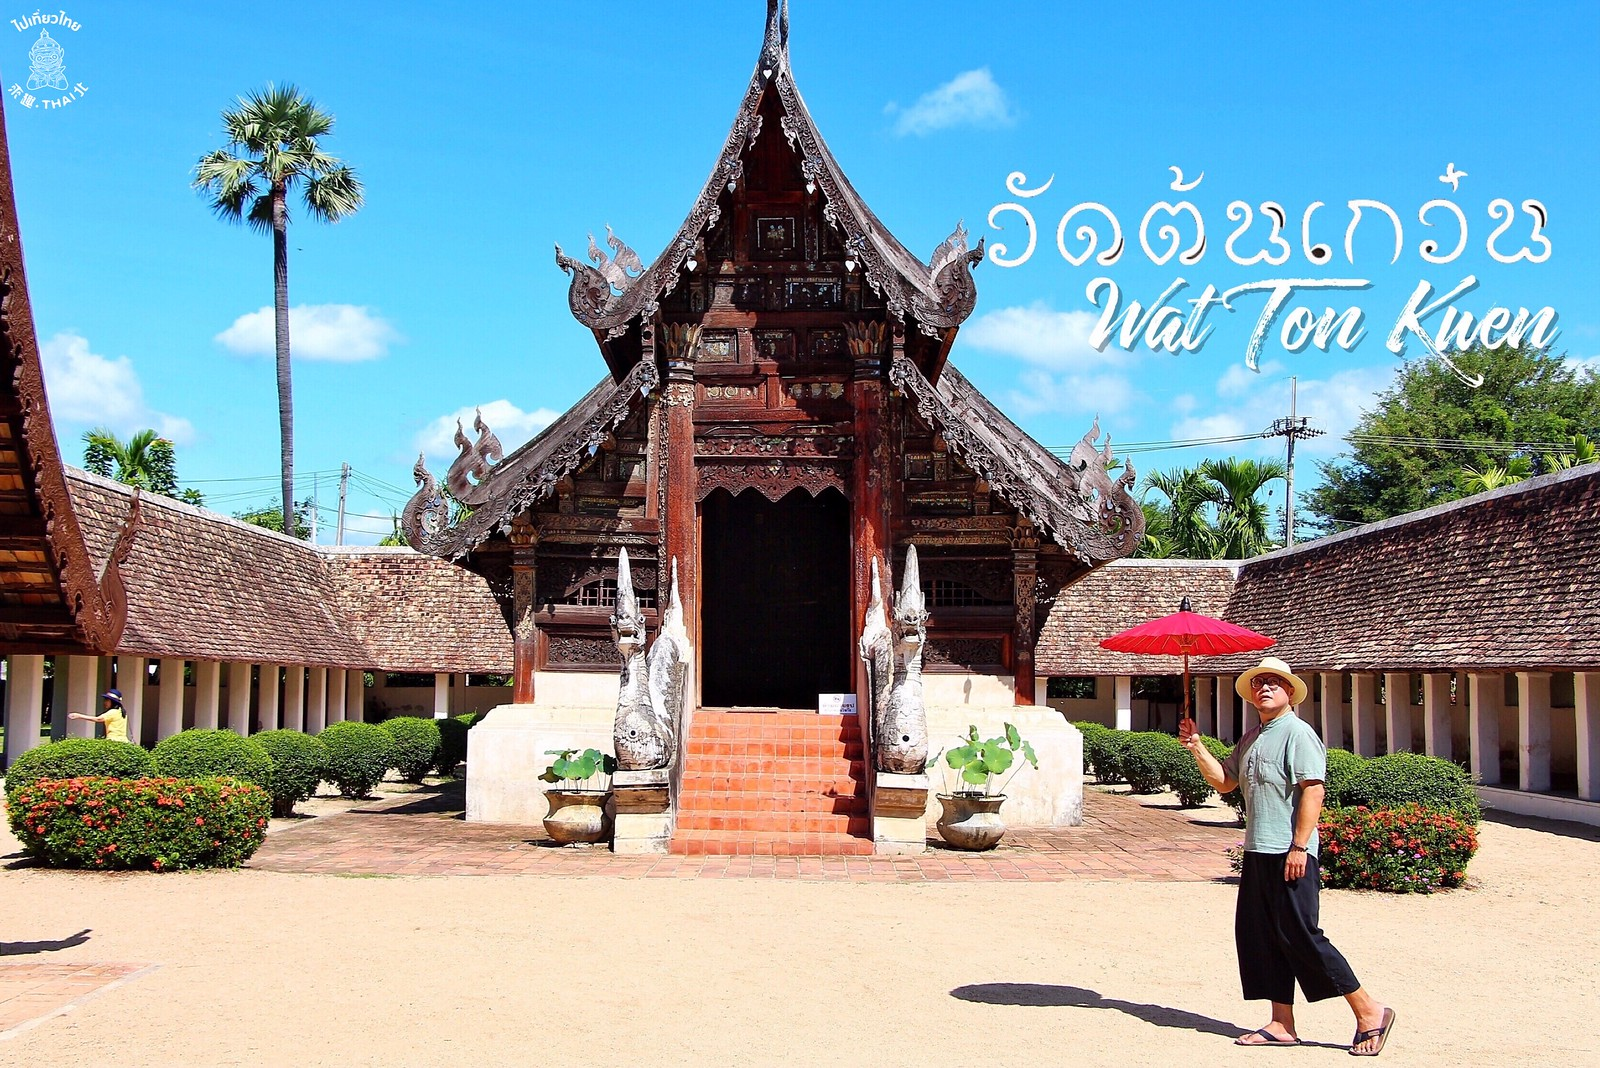 蘭納之心佛寺《วัดต้นเกว๋น Wat Ton Kwen》